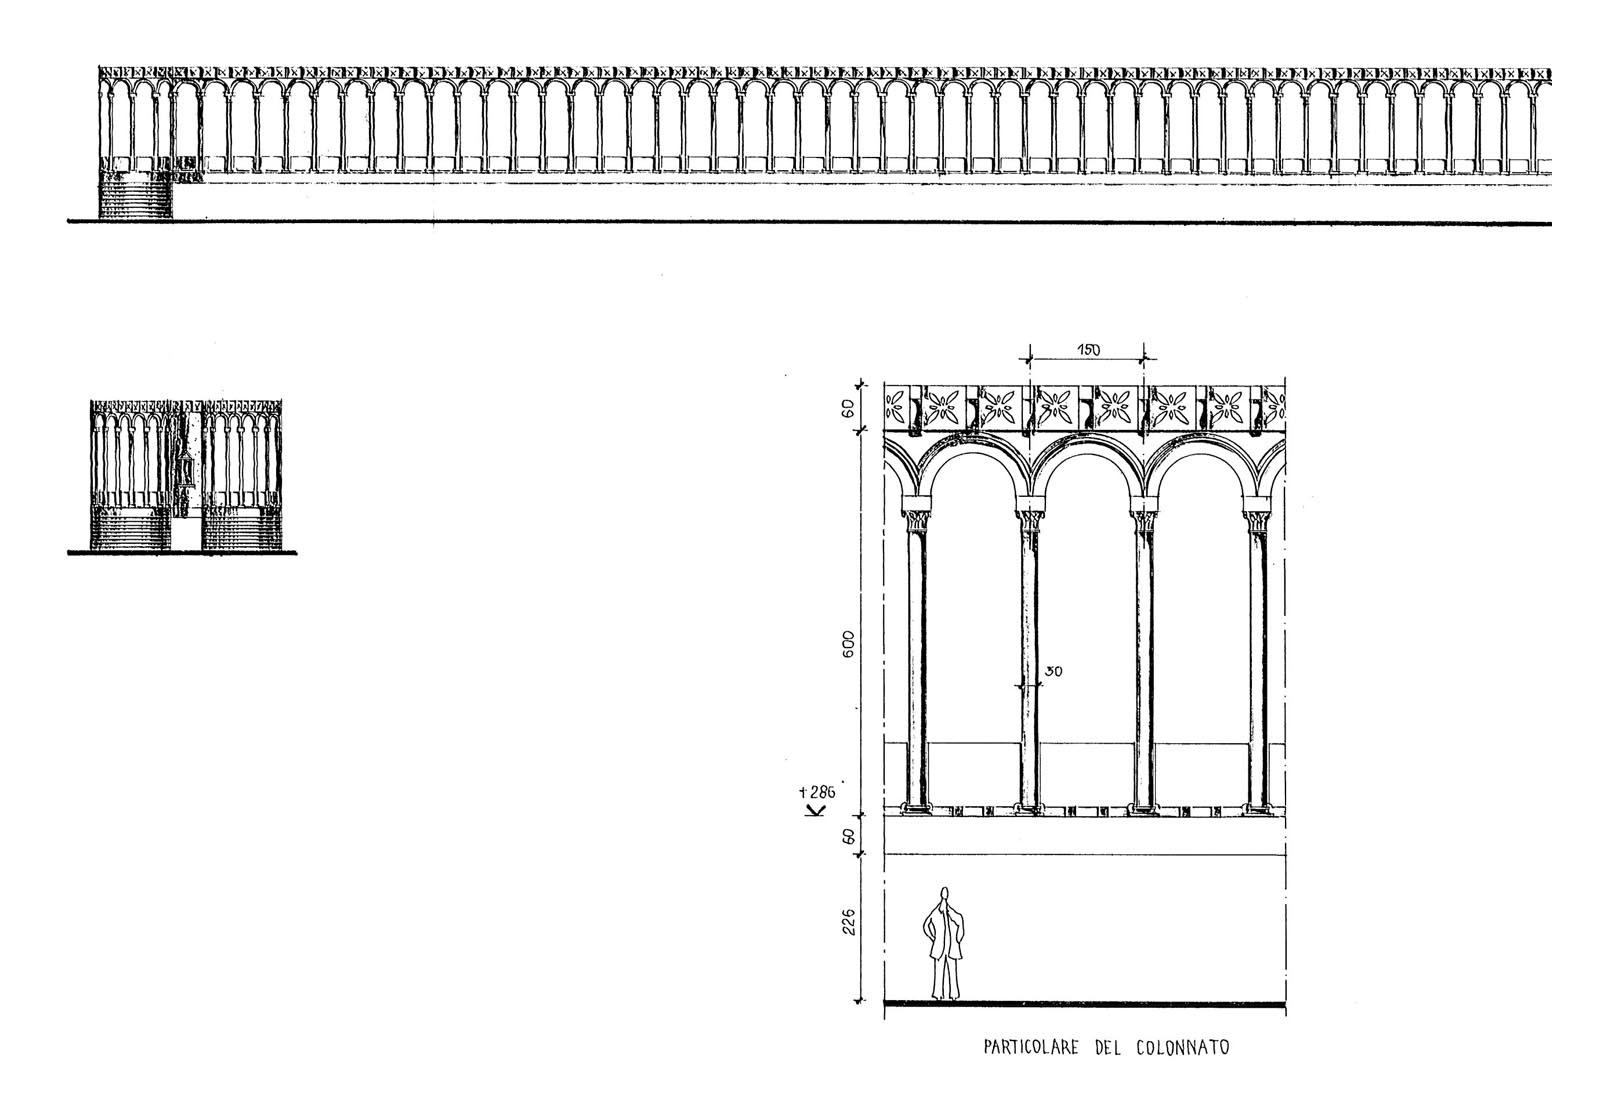 Concorso piazza dei miracoli a Pisa - Particolare del colonnato